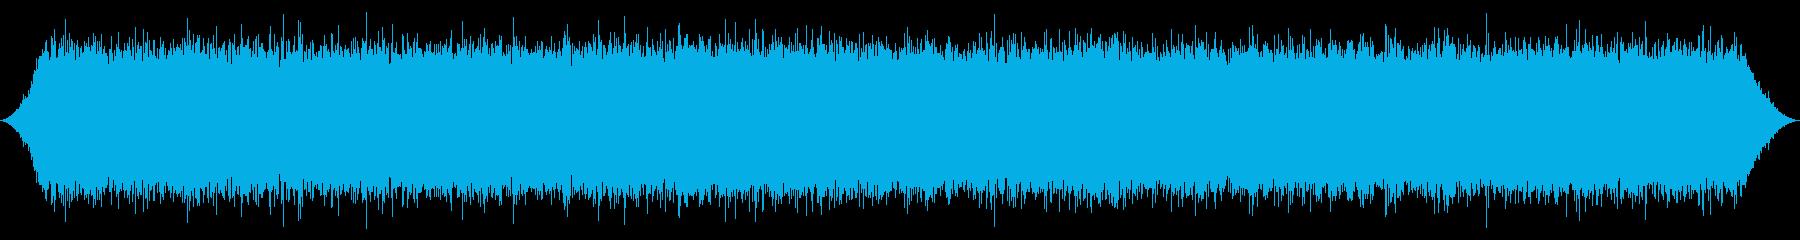 River:強力な低音とスプレーの再生済みの波形